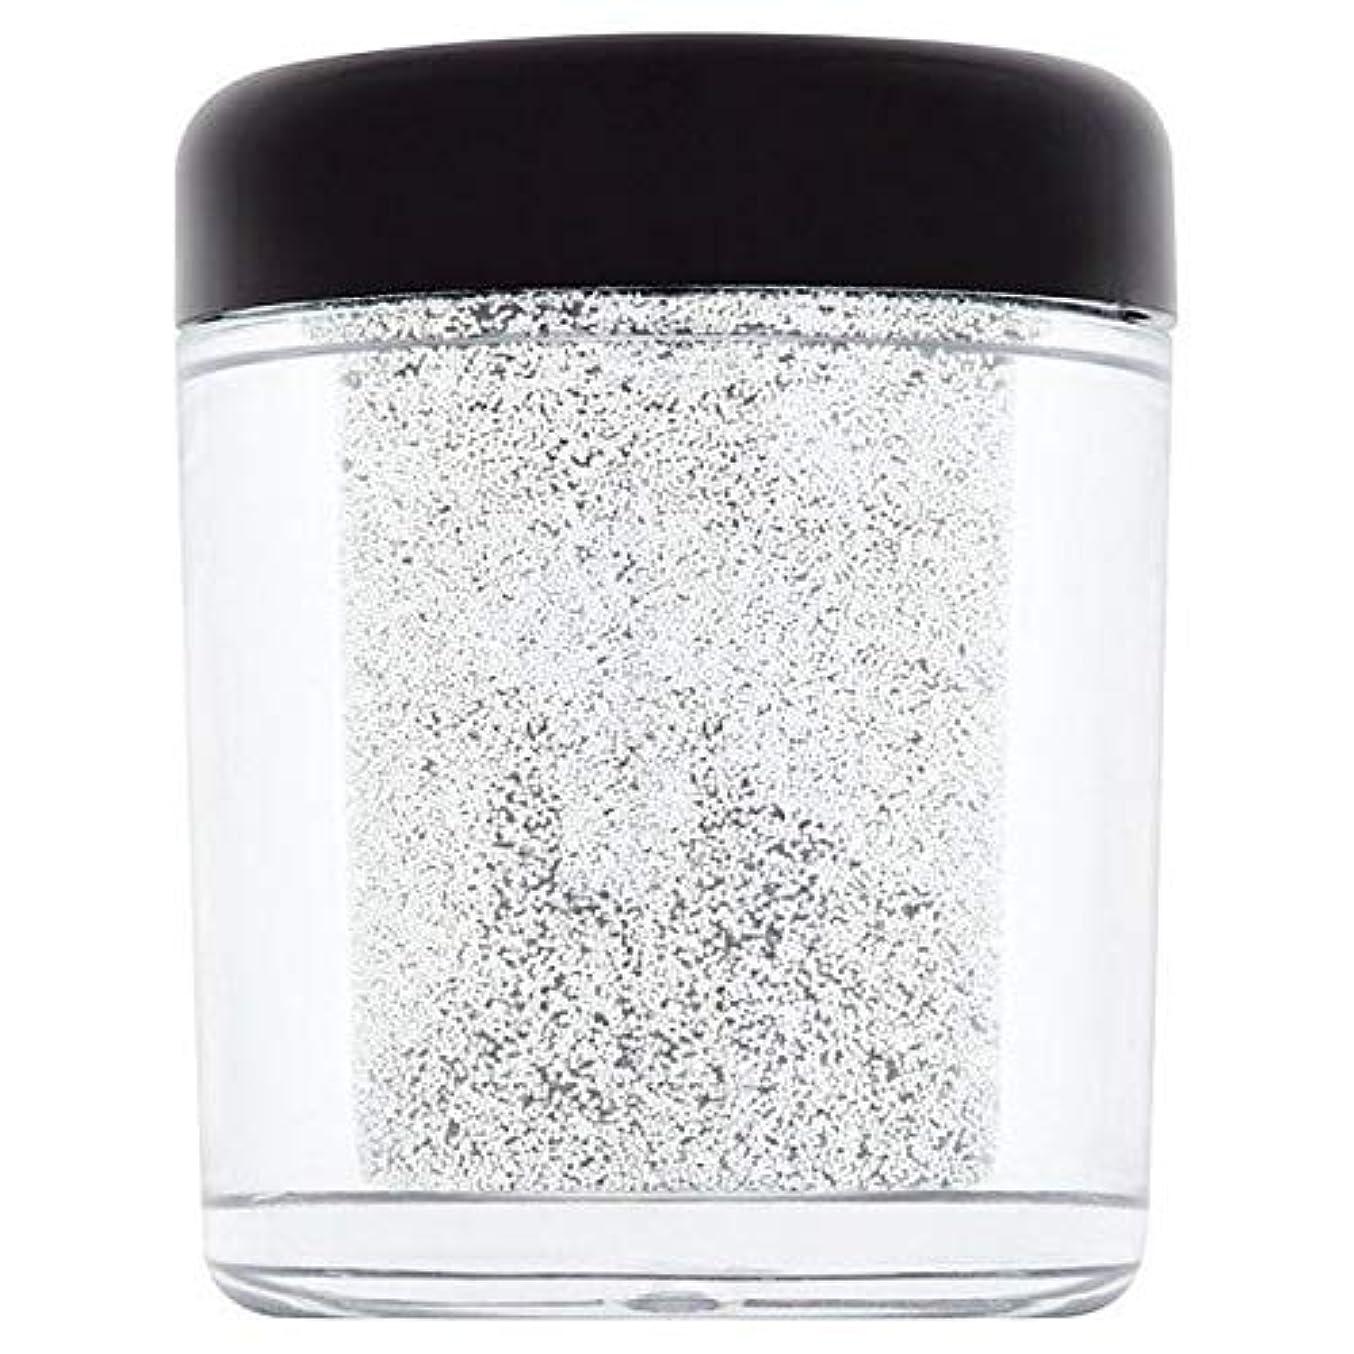 抑圧占める不規則な[Collection ] 天使2を回収グラムの結晶は、フェイス&ボディの輝きが落ち - Collection Glam Crystals Face & Body Glitter Fallen Angel 2 [並行輸入品]